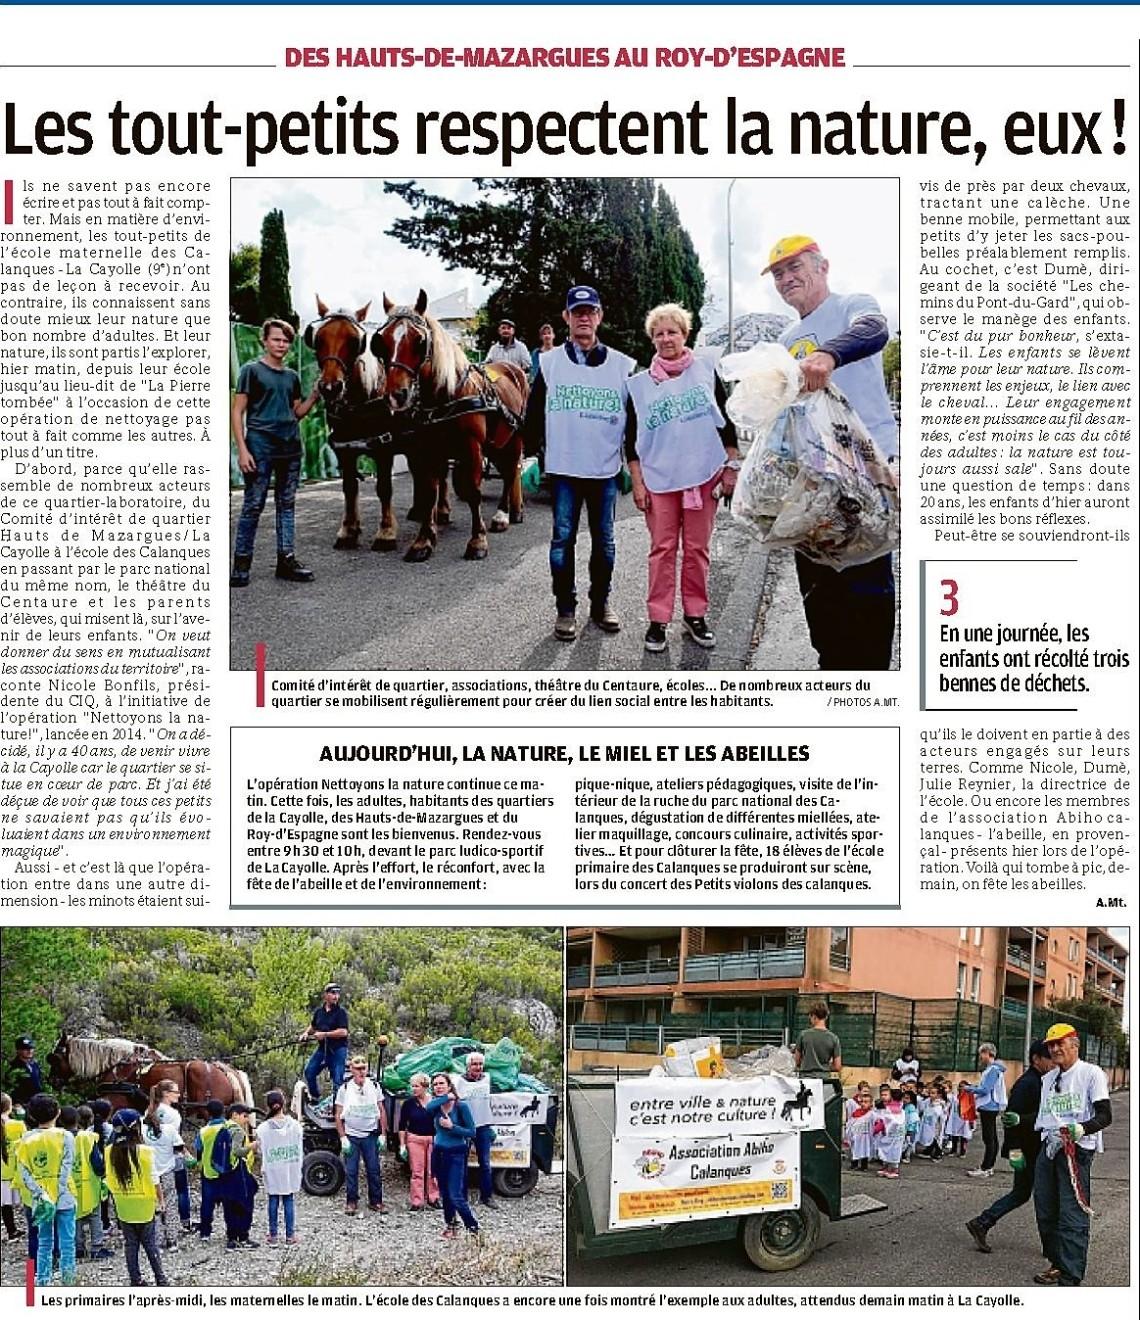 Article LaProvence 22-09-2017 1 Hauts de Mazargues Roy d'Espagne La Cayolle Nettoyons la nature p 15